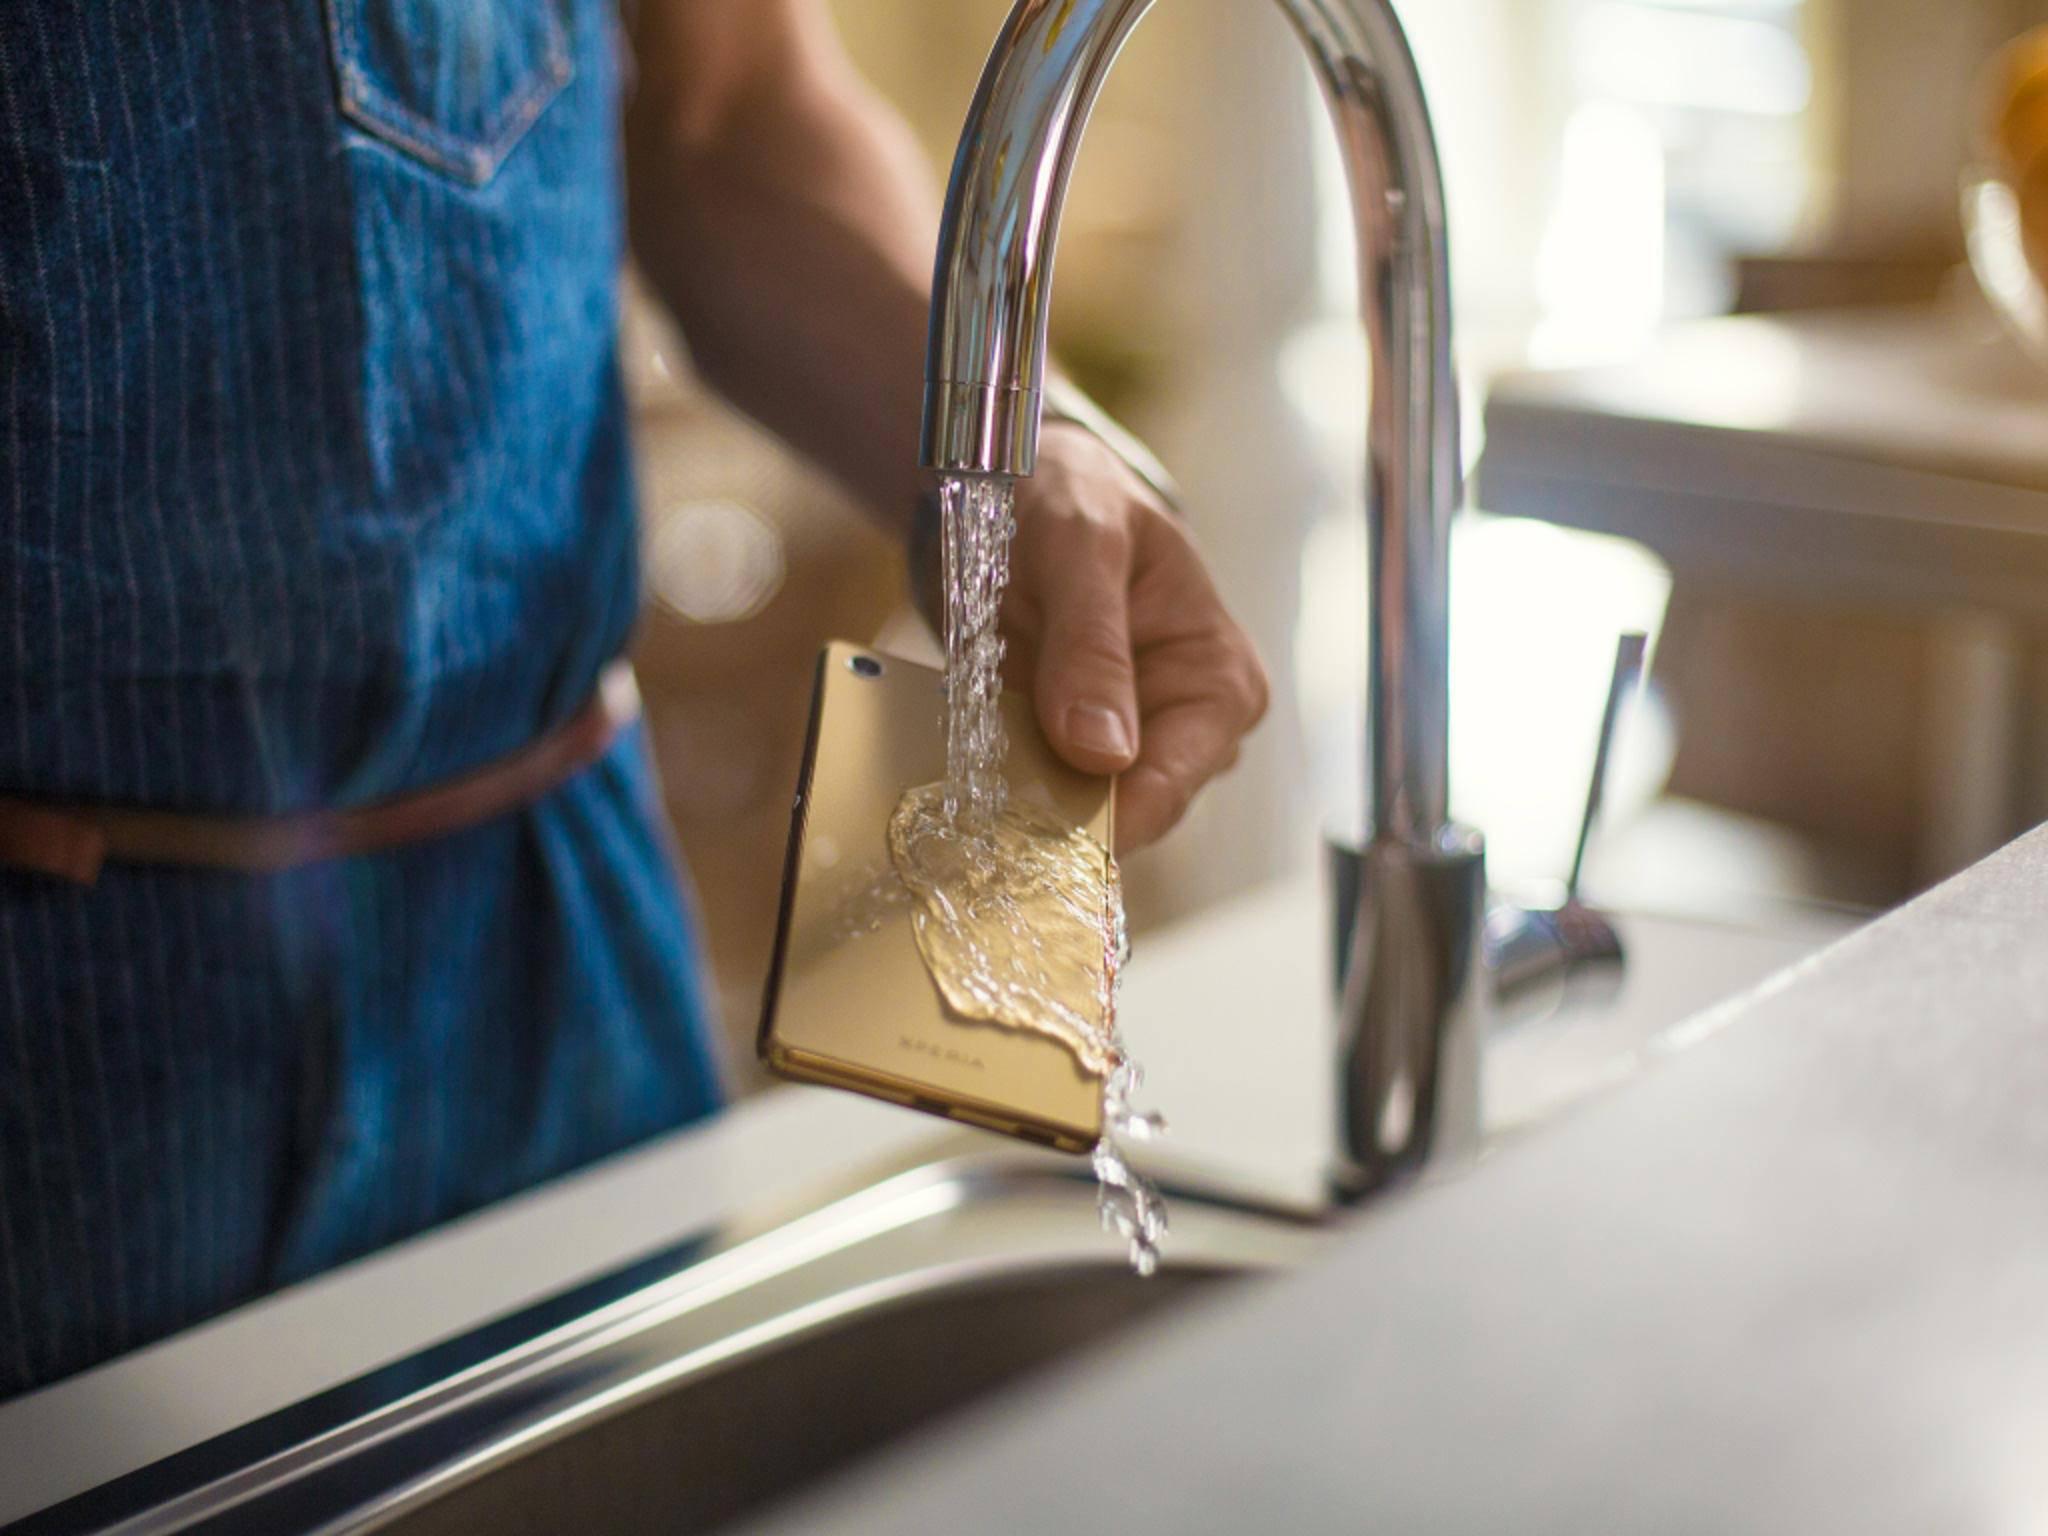 Das Xperia M5 ist gegen Spritzwasser geschützt.